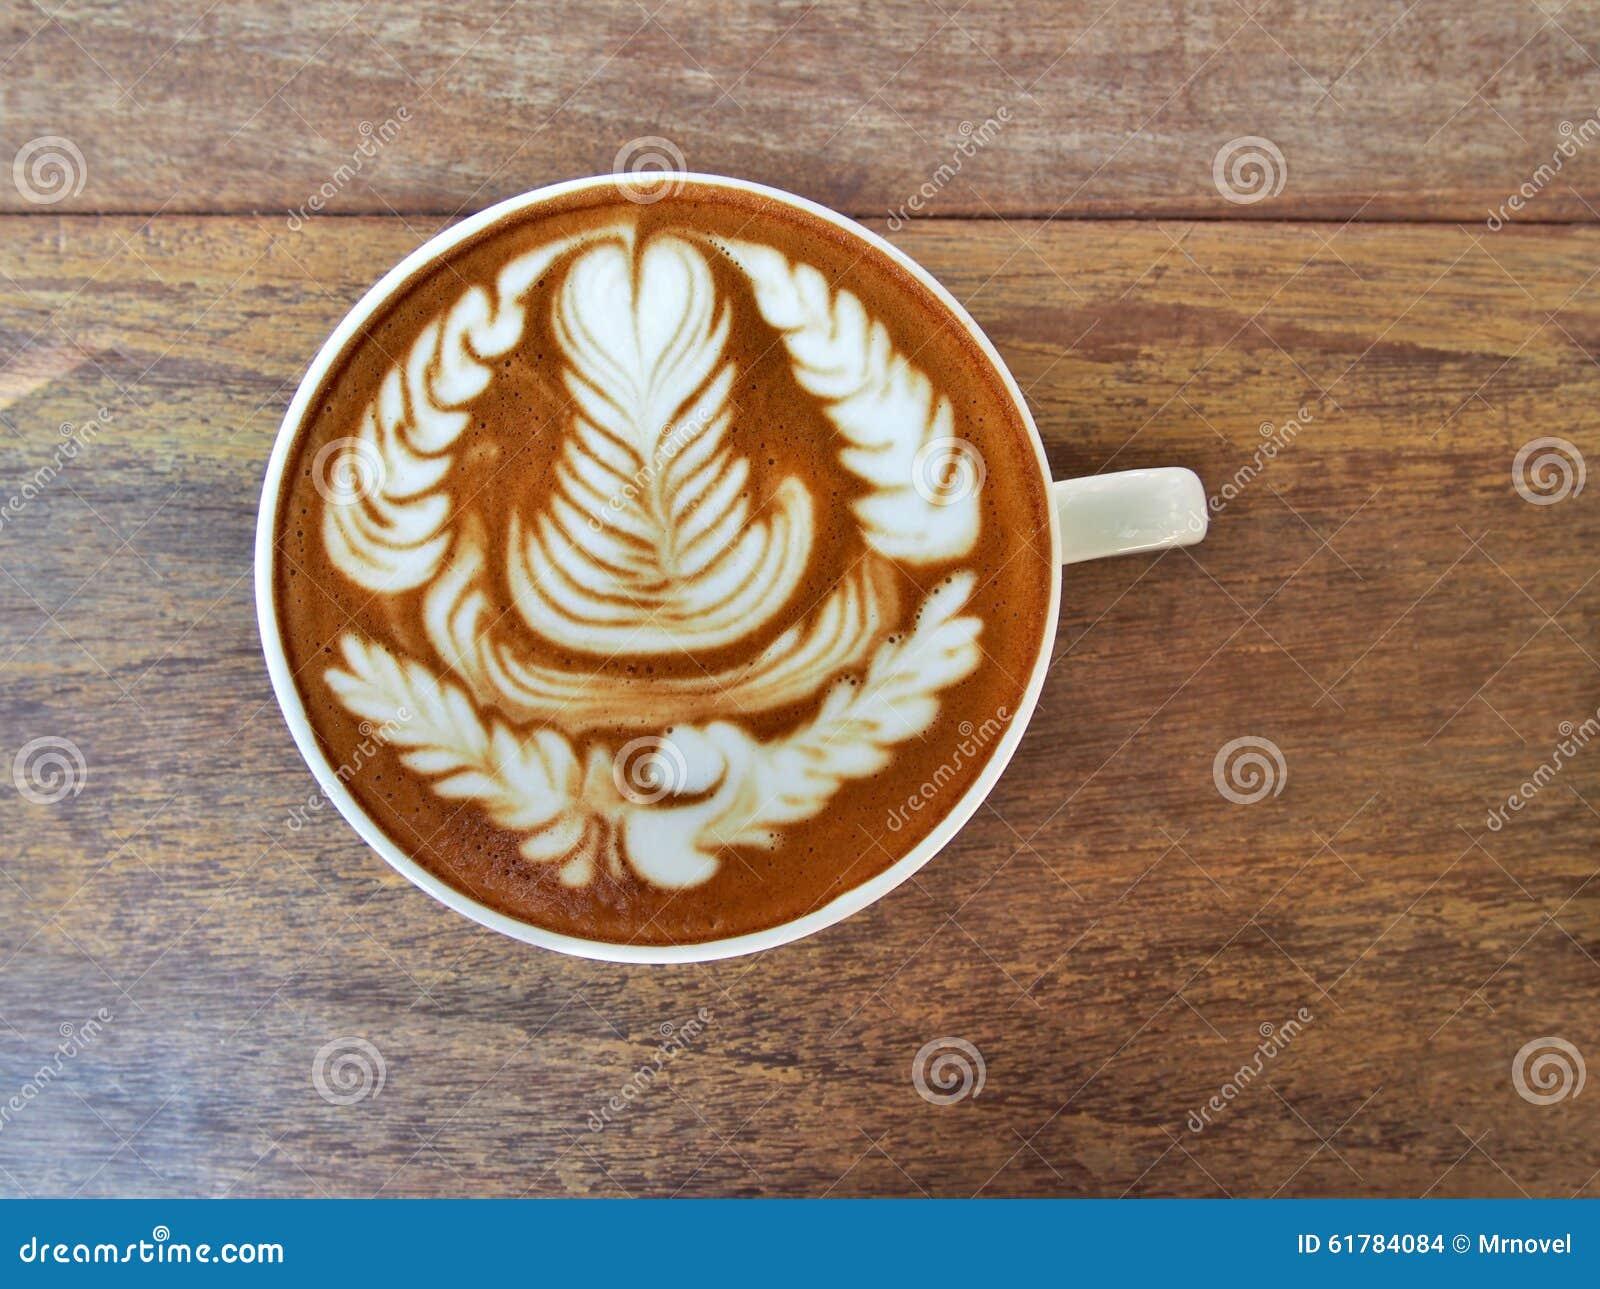 Vlakke Witte Koffie Met Lattekunst Rosetta Stock Foto ... Rosetta Reizen